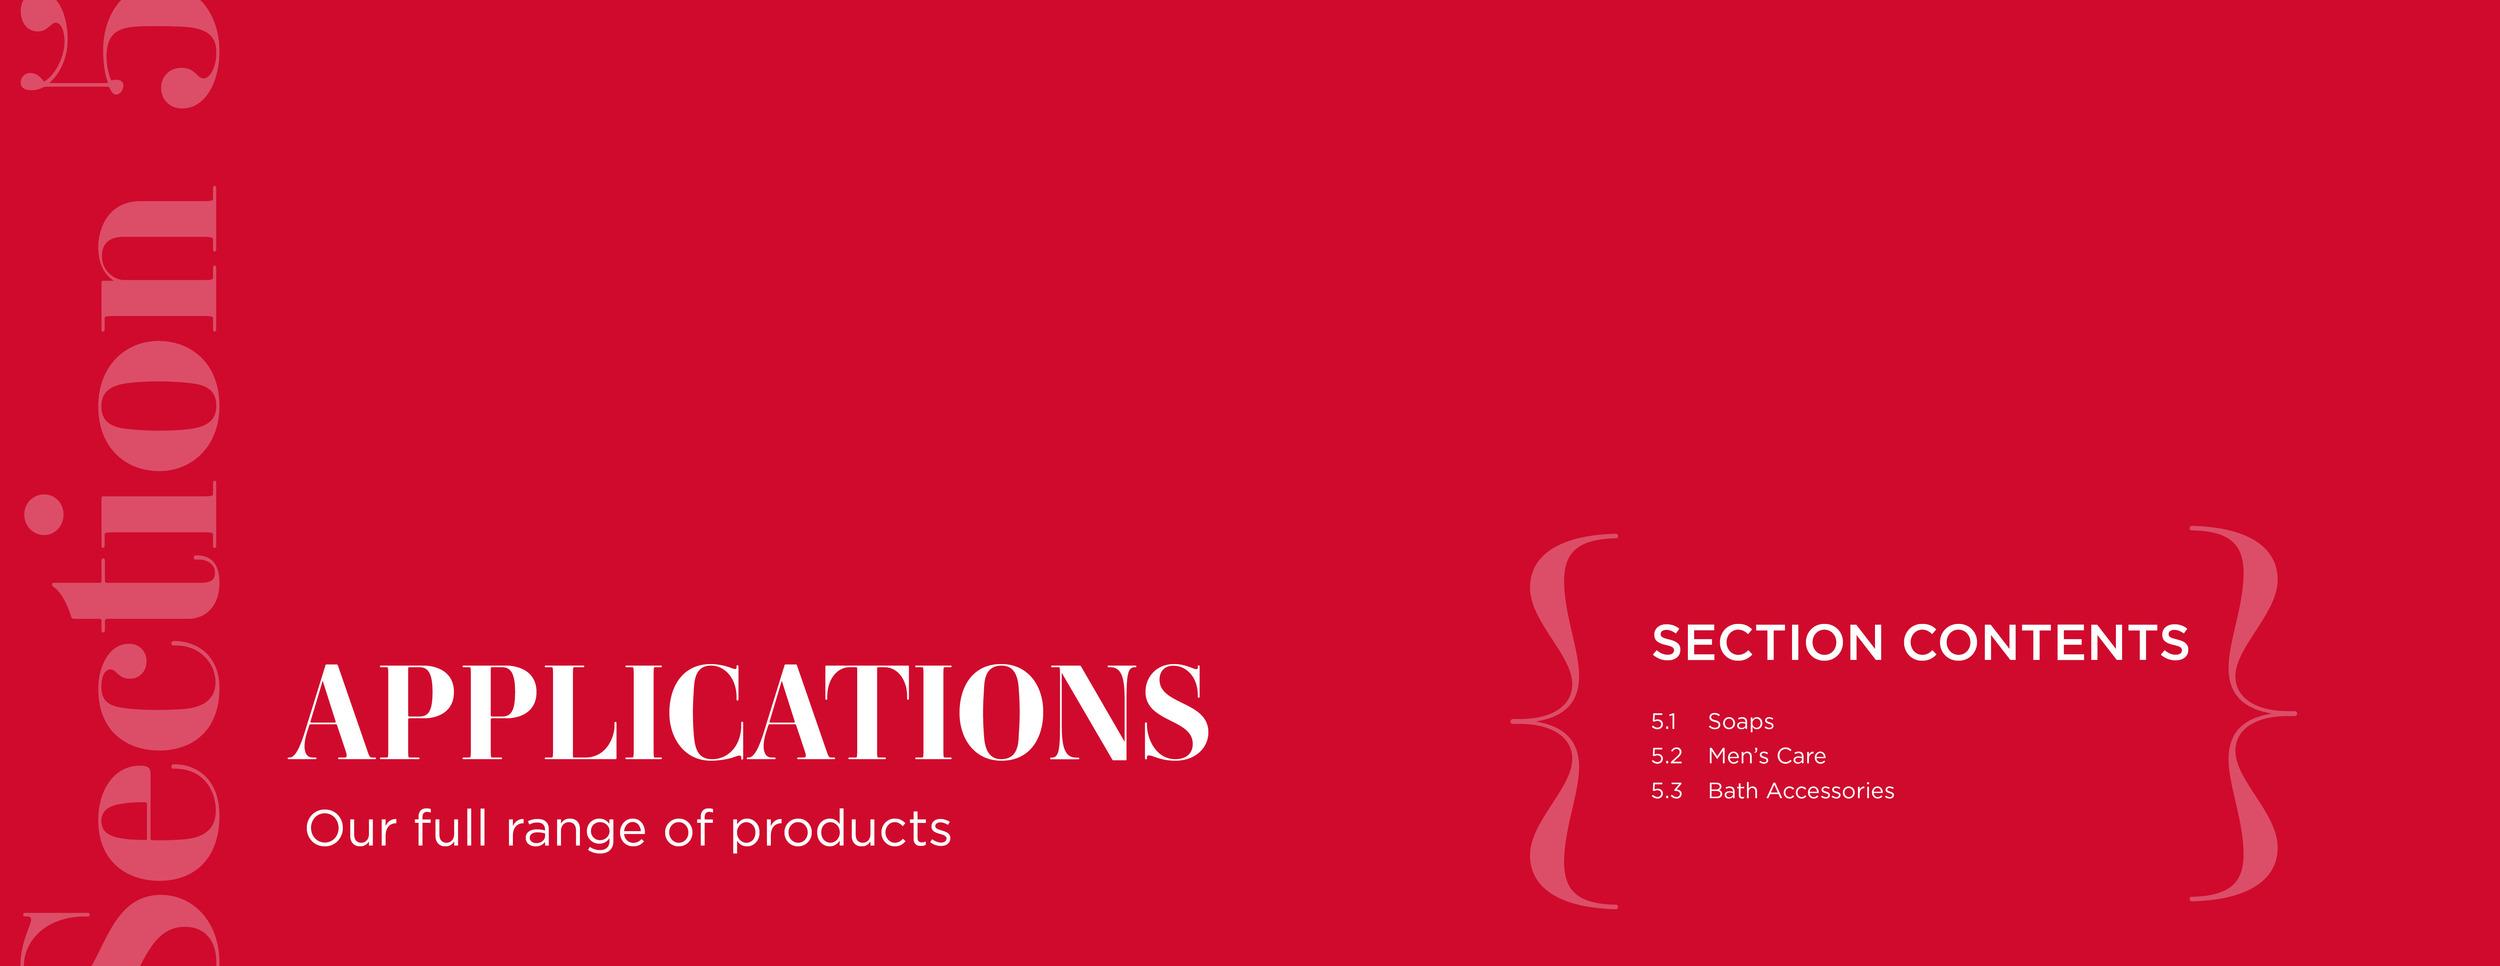 Brand_Manual_Separate18.jpg